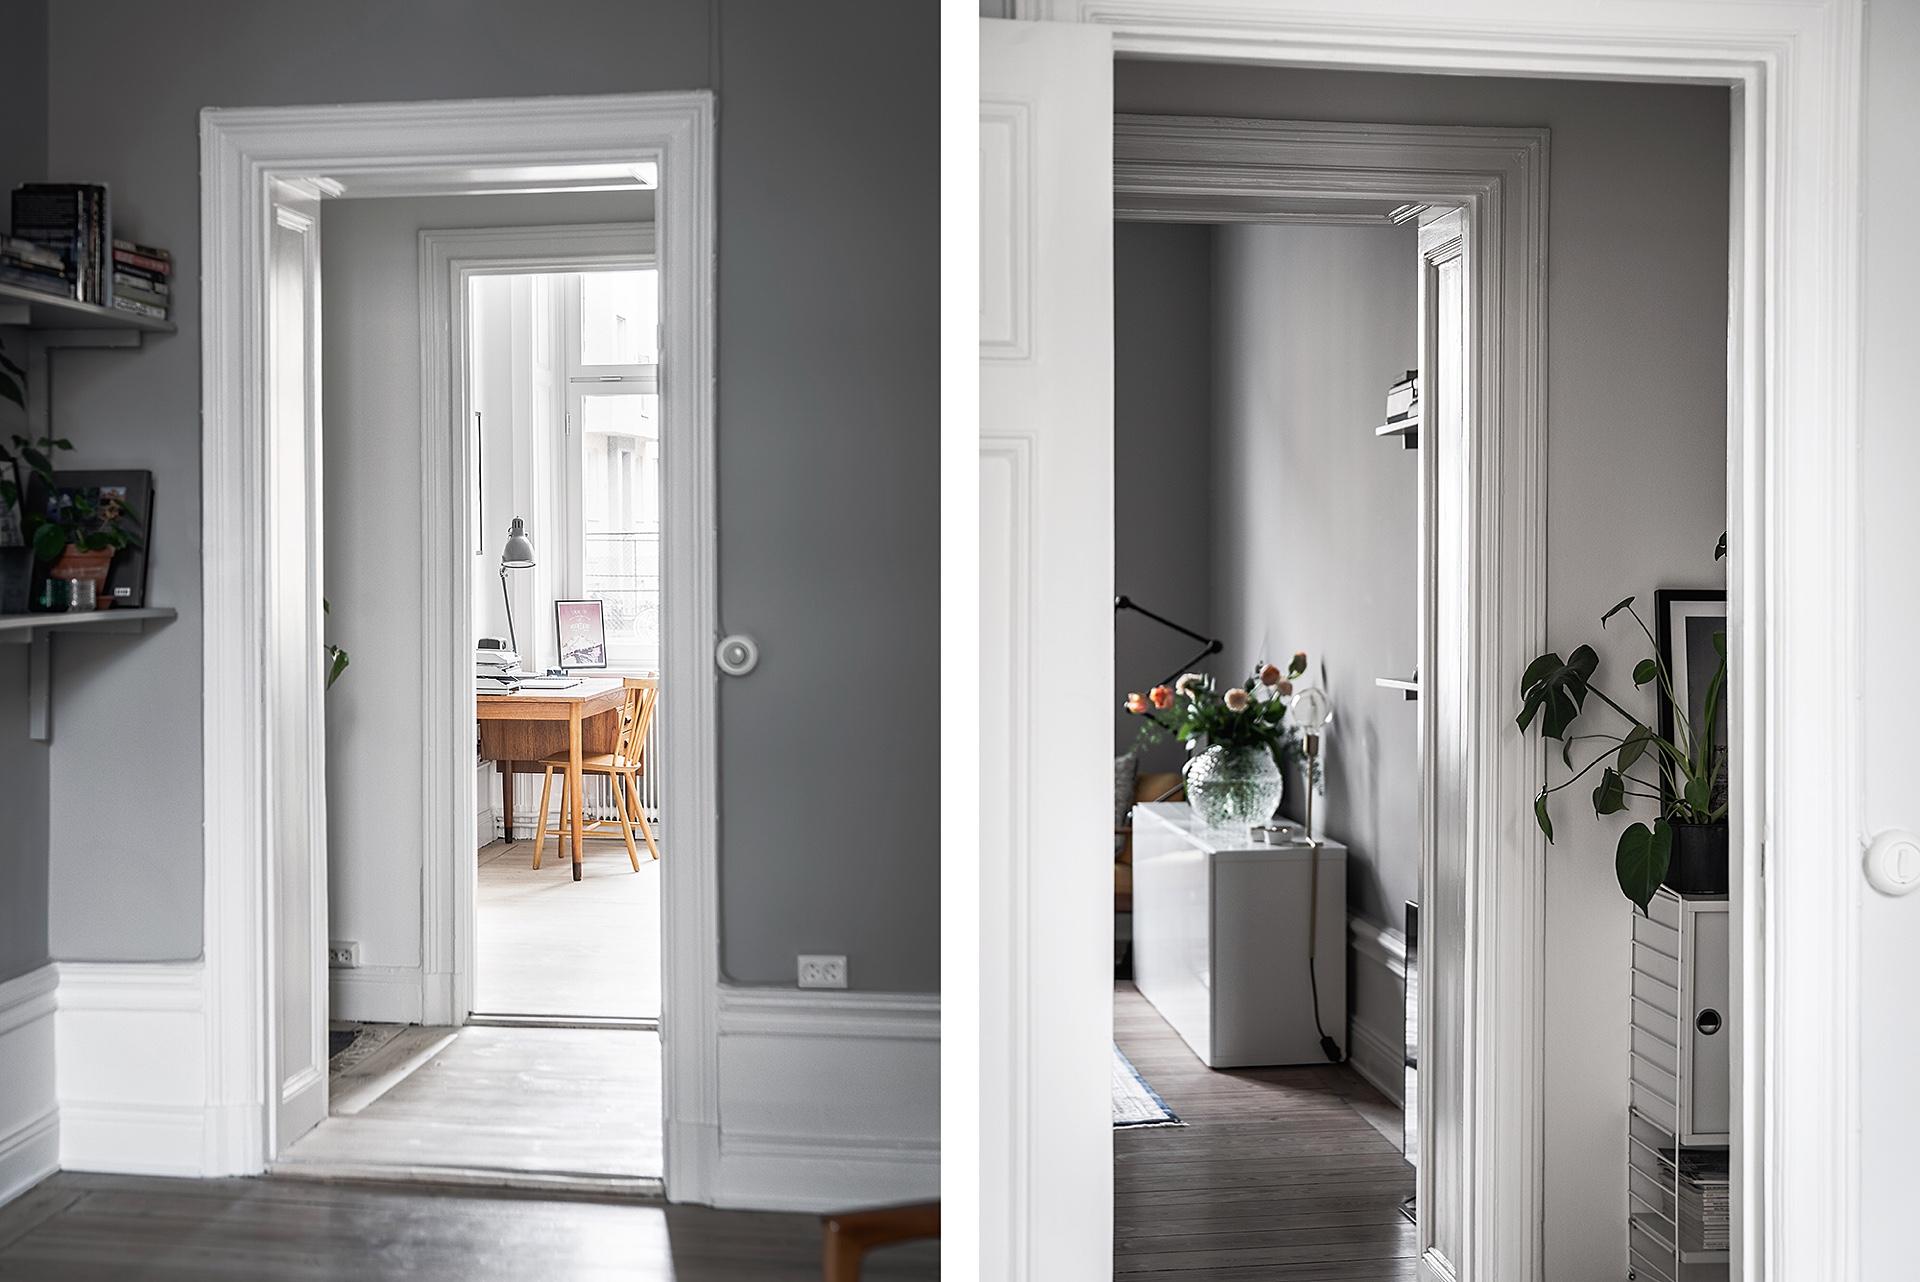 дверной проем наличники высокий белый плинтус